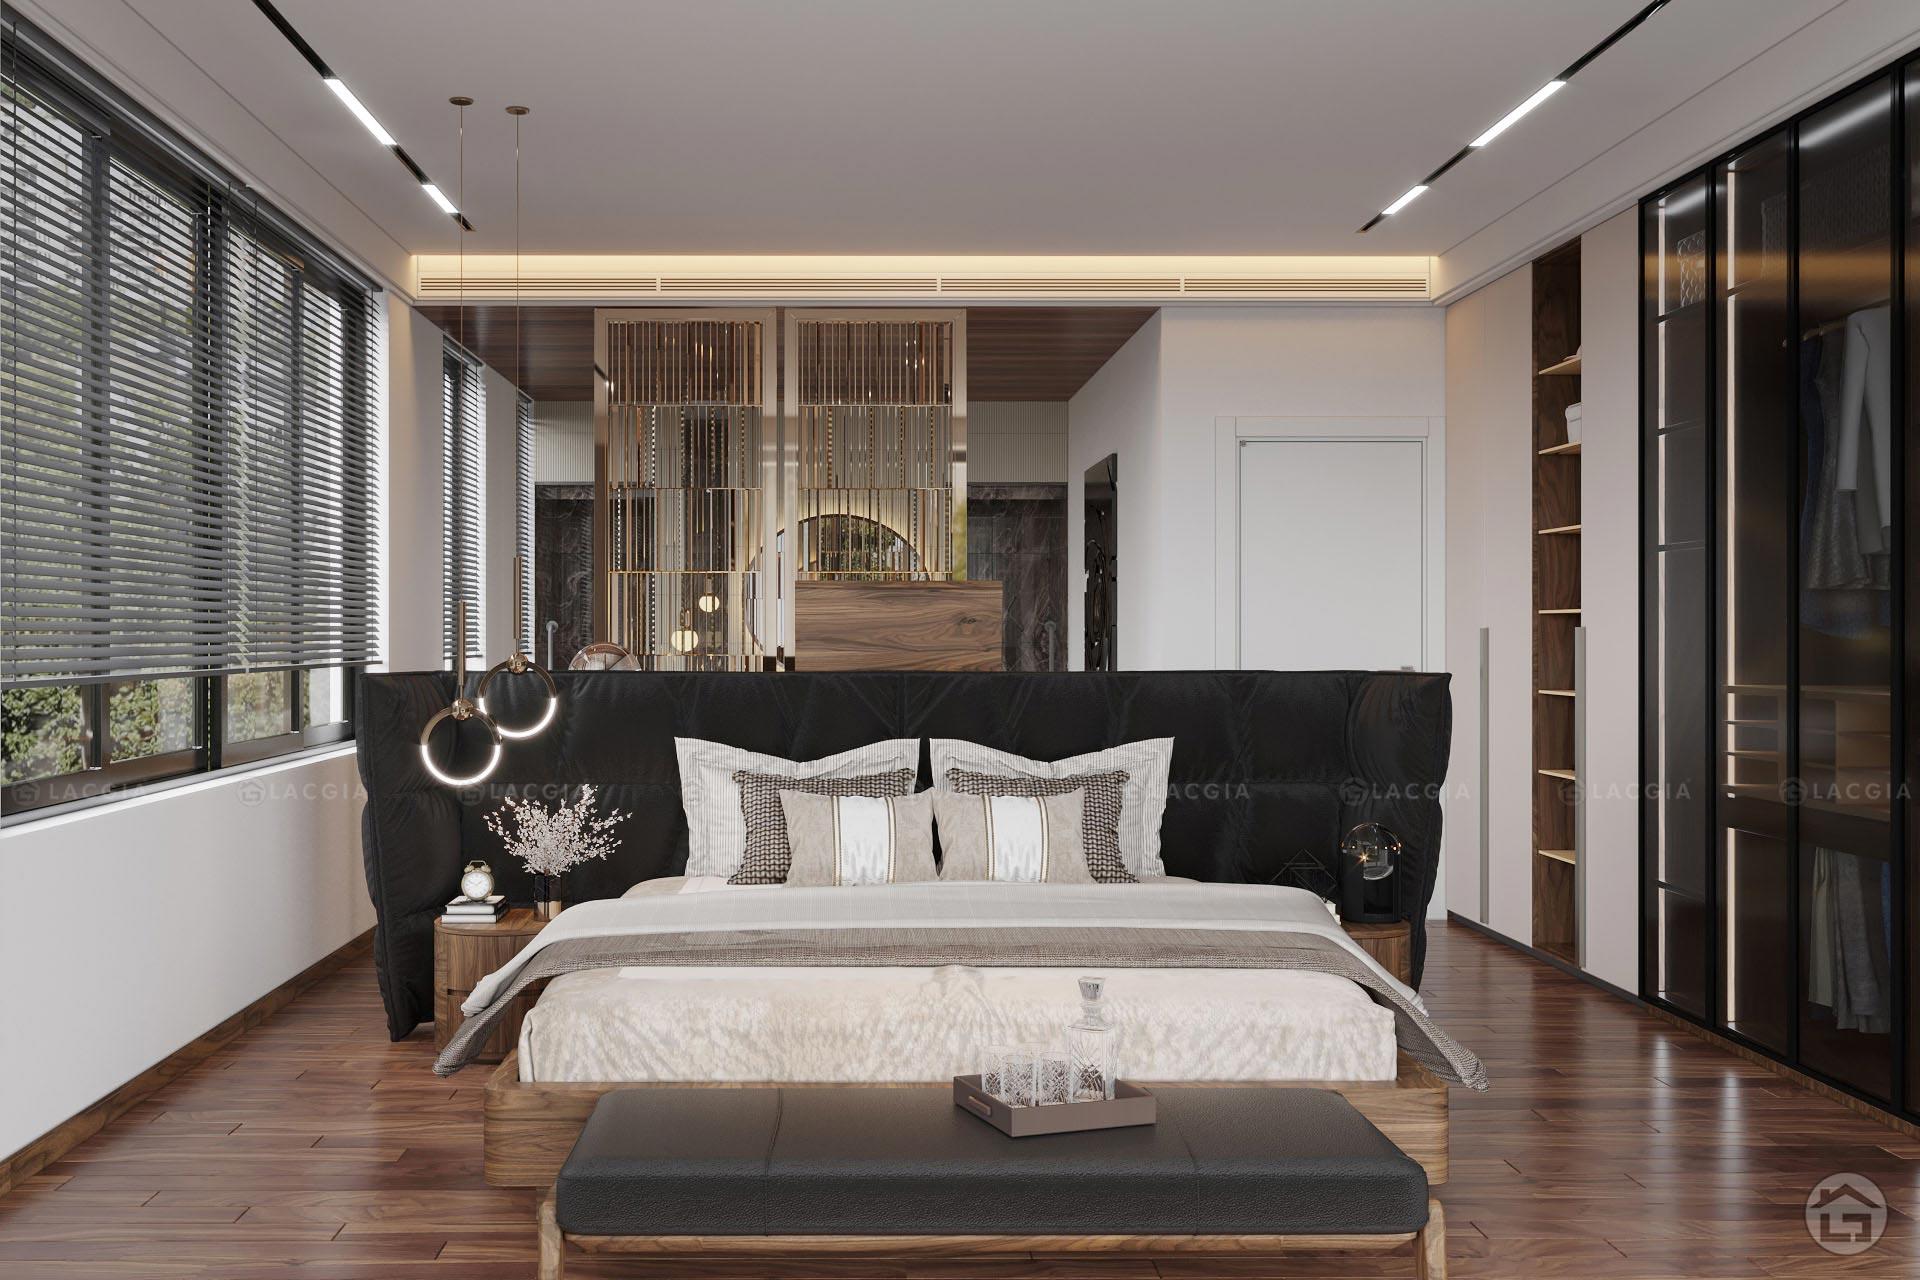 giuong ngu go tu nhien gn22 2 - Giường ngủ gỗ tự nhiên GN22